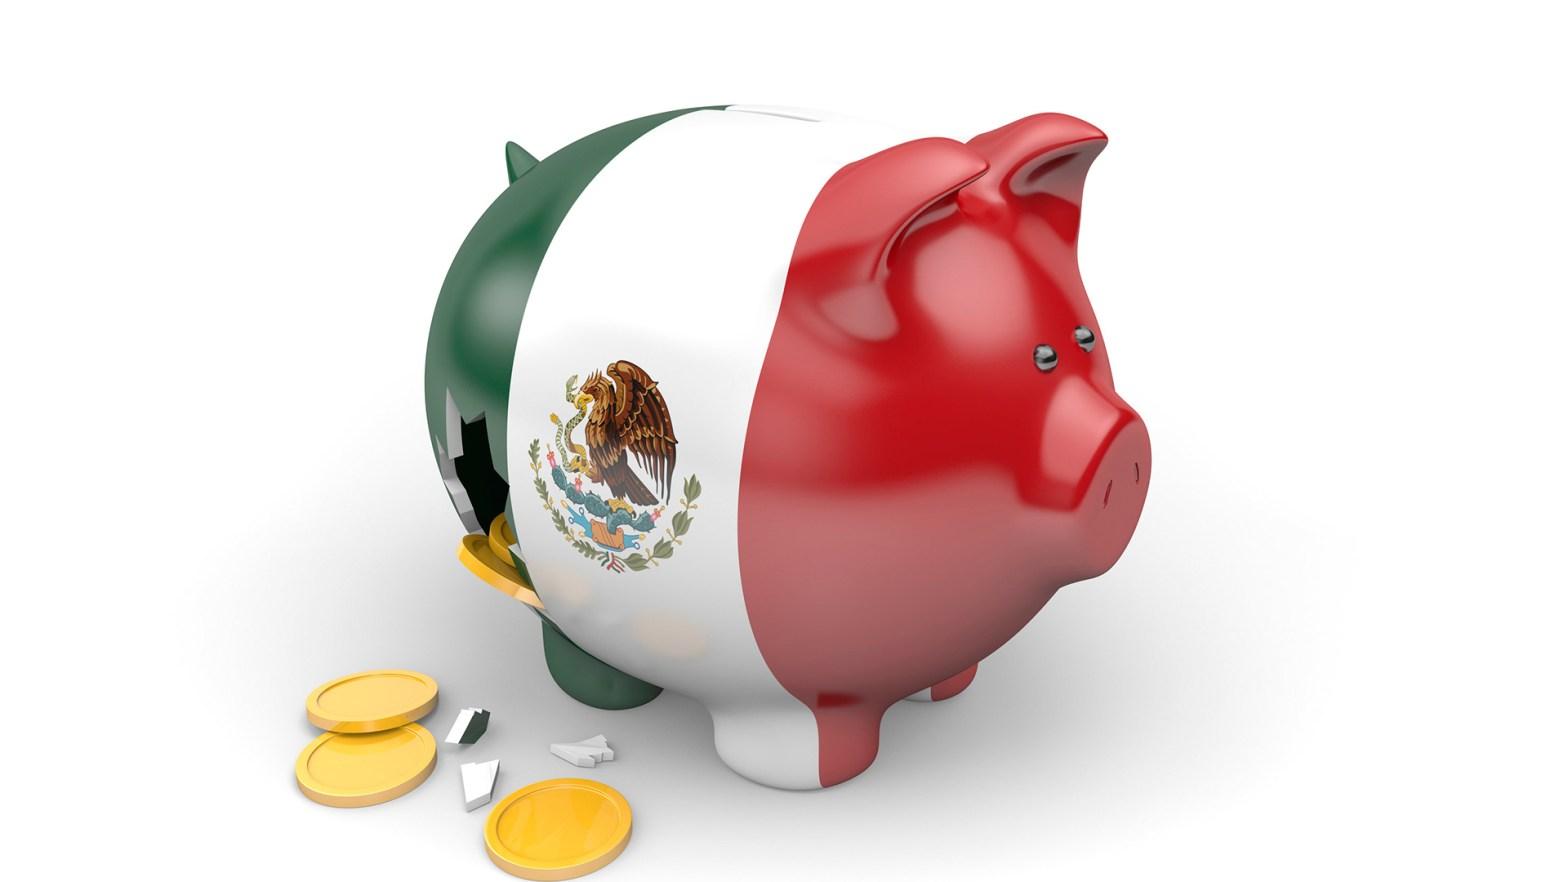 Una alcancía en forma de cochinito con la bandera de mexico impresa